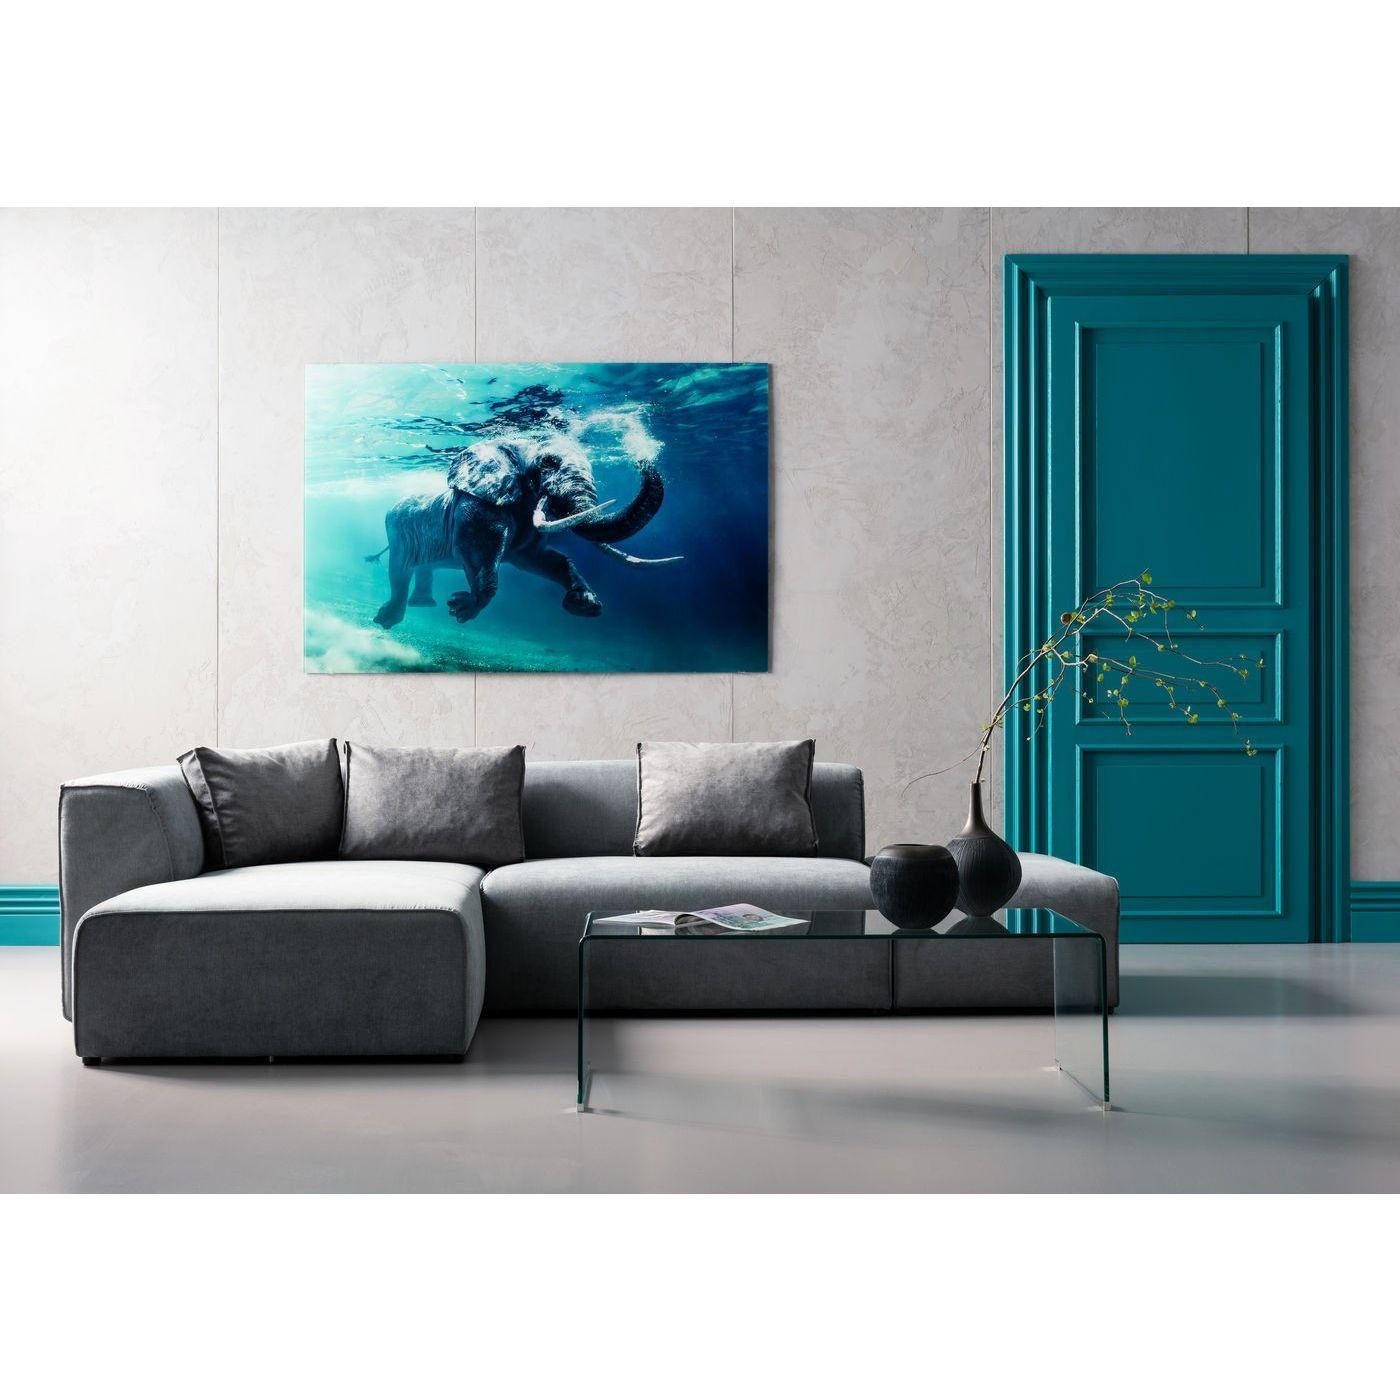 Design Ecksofas ecksofa infinity ottomane links grau infinity interiors and